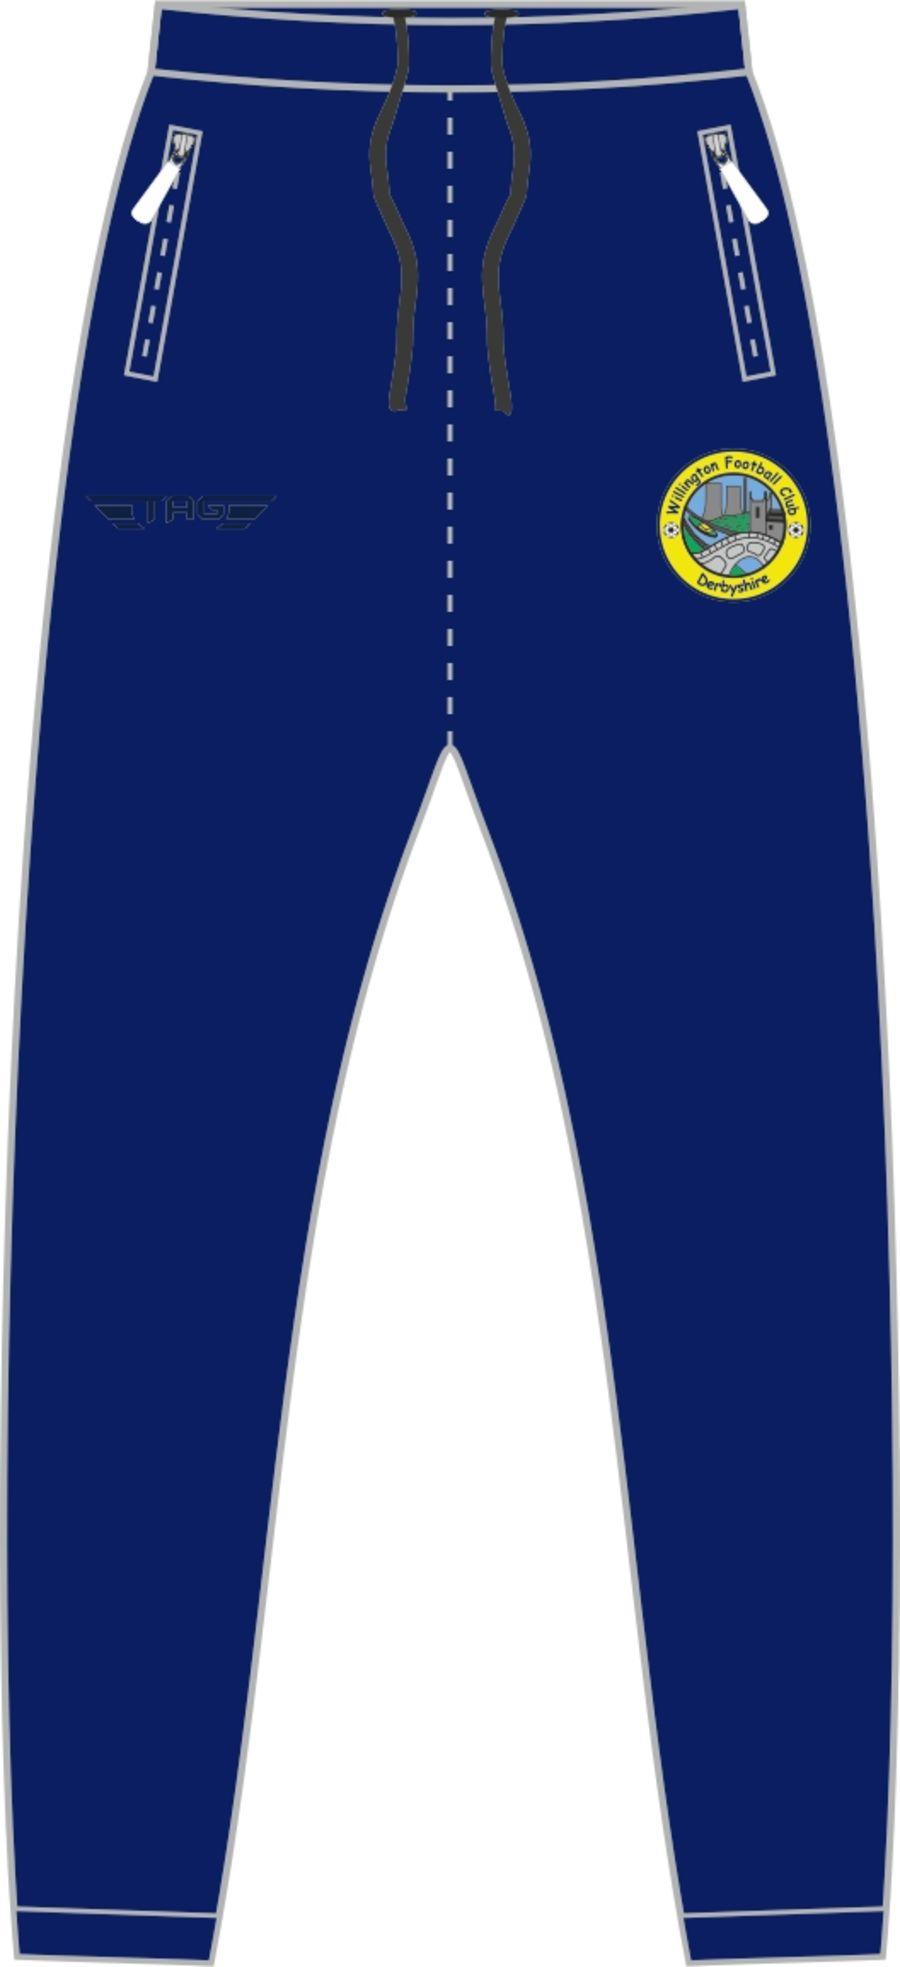 D2F. Willington FC Casual Fit Tech Trouser - Adult